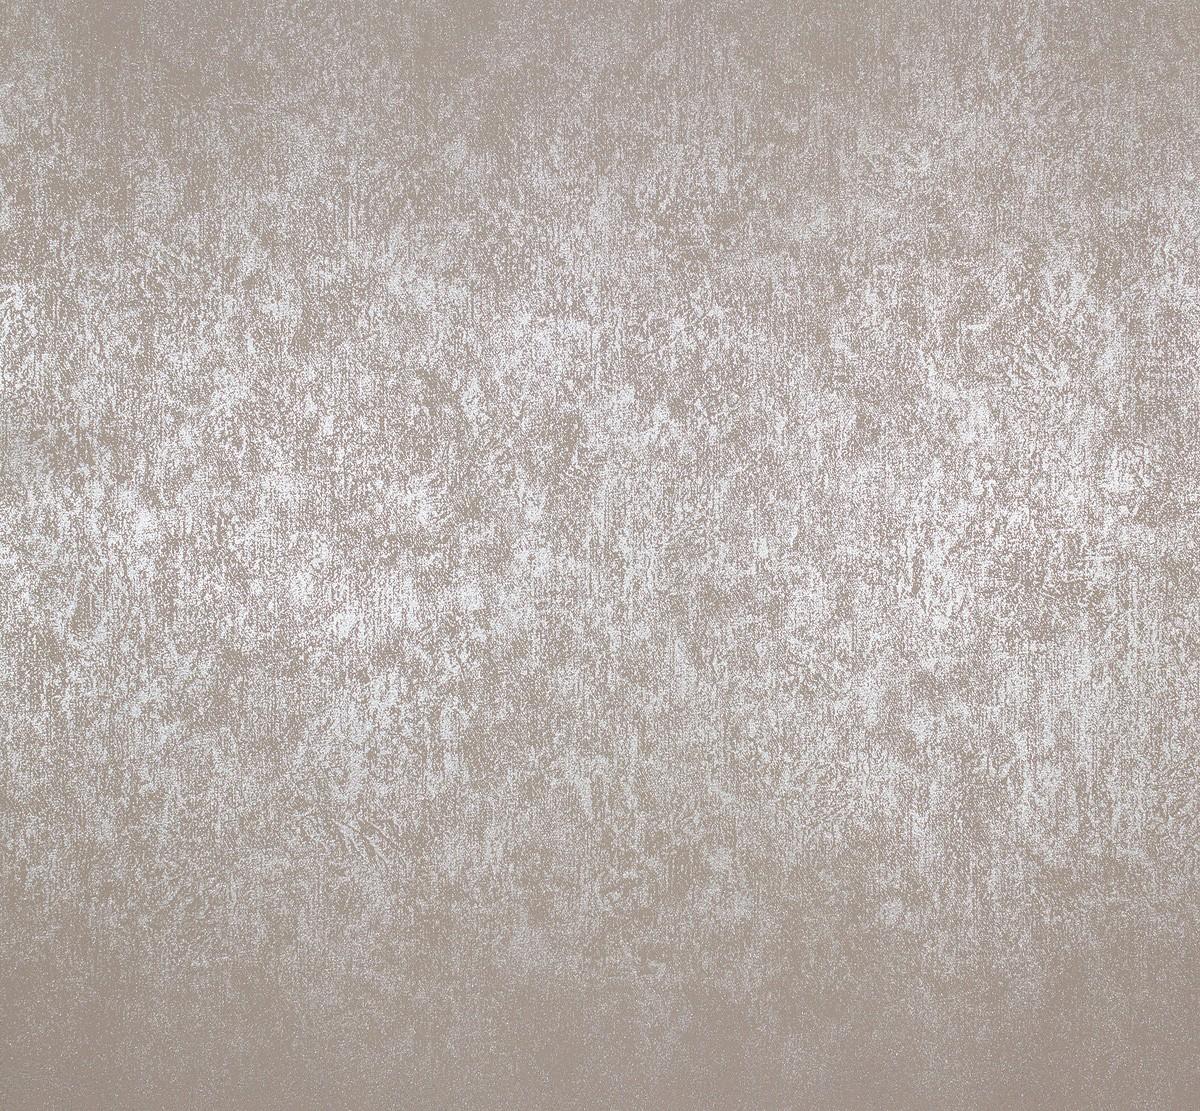 Vliestapete taupe Struktur Estelle Marburg 55709